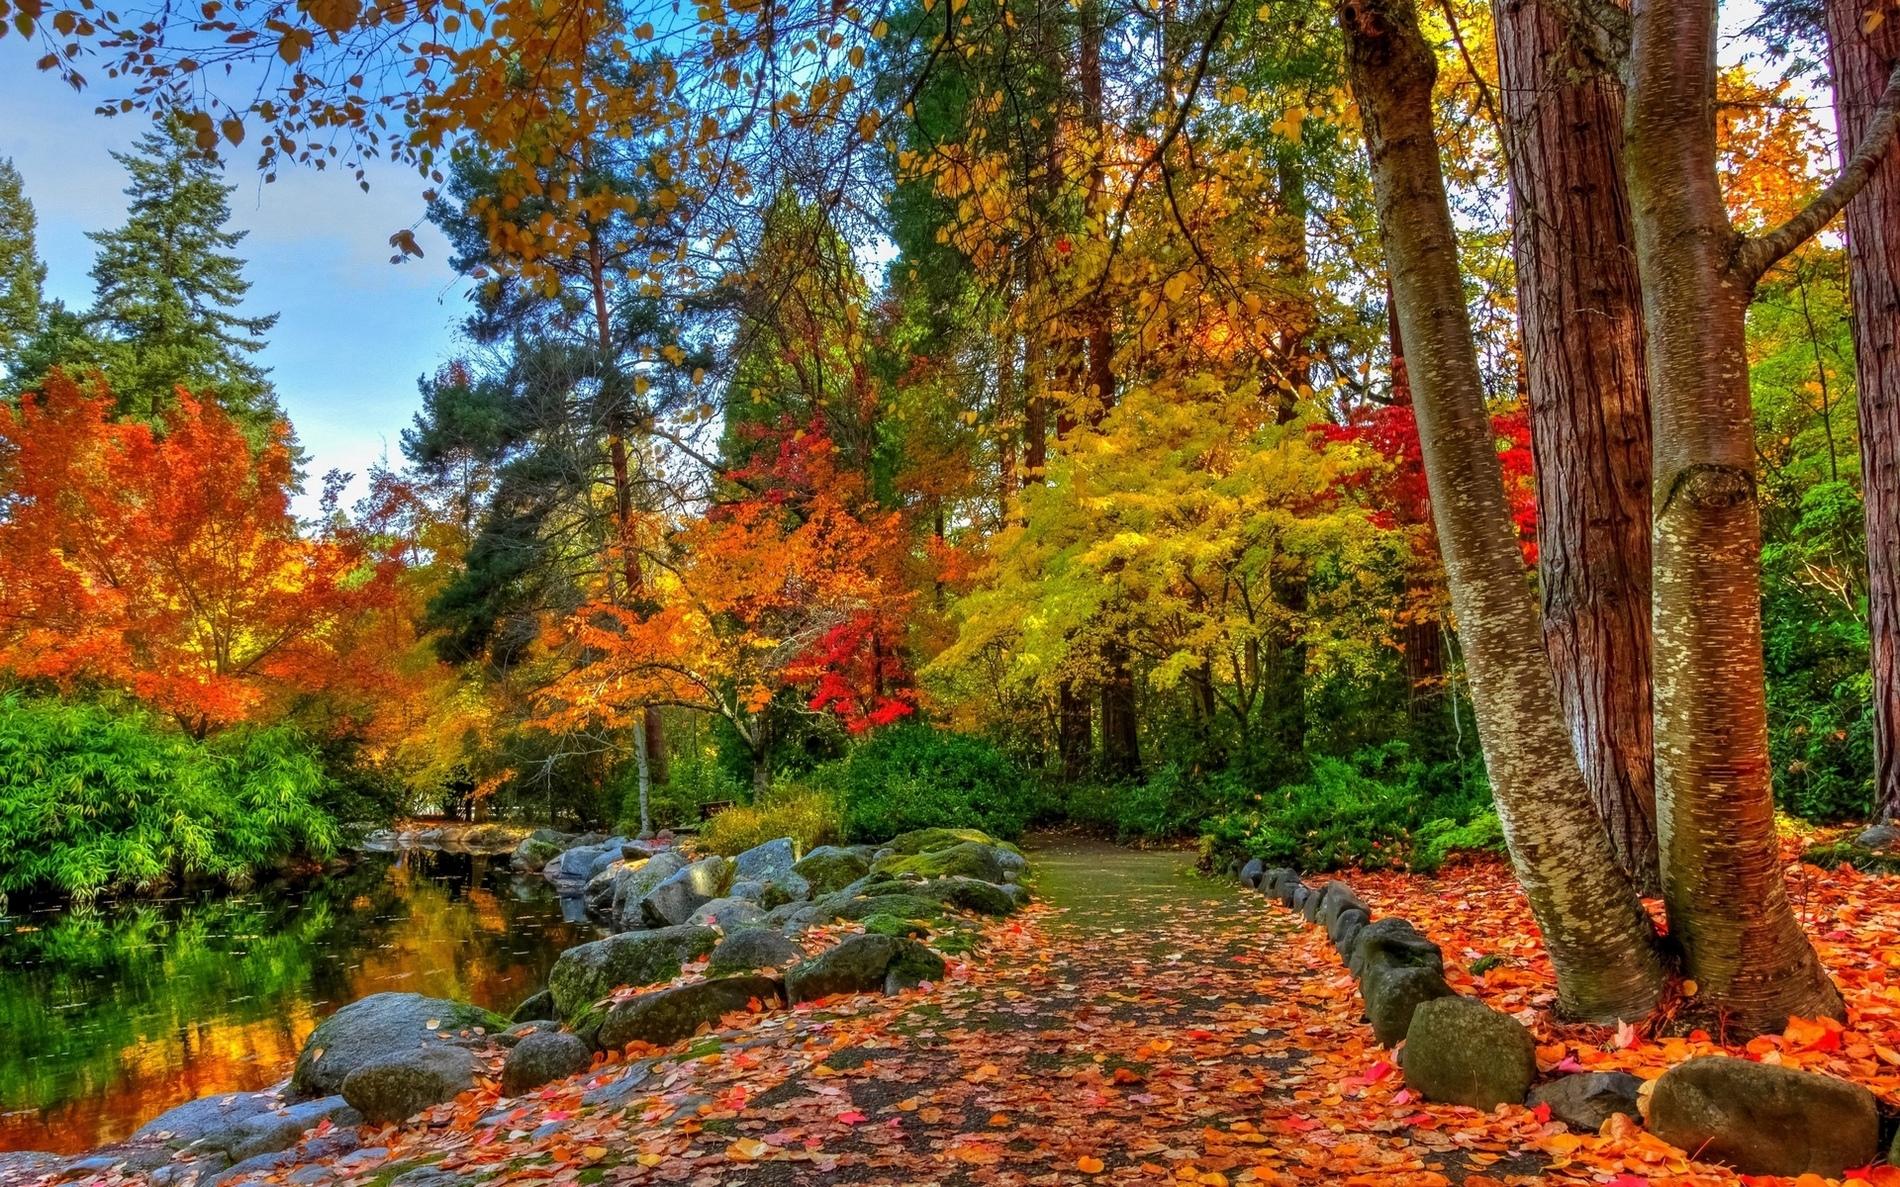 Hình ảnh khu rừng vào mùa thu lá rụng